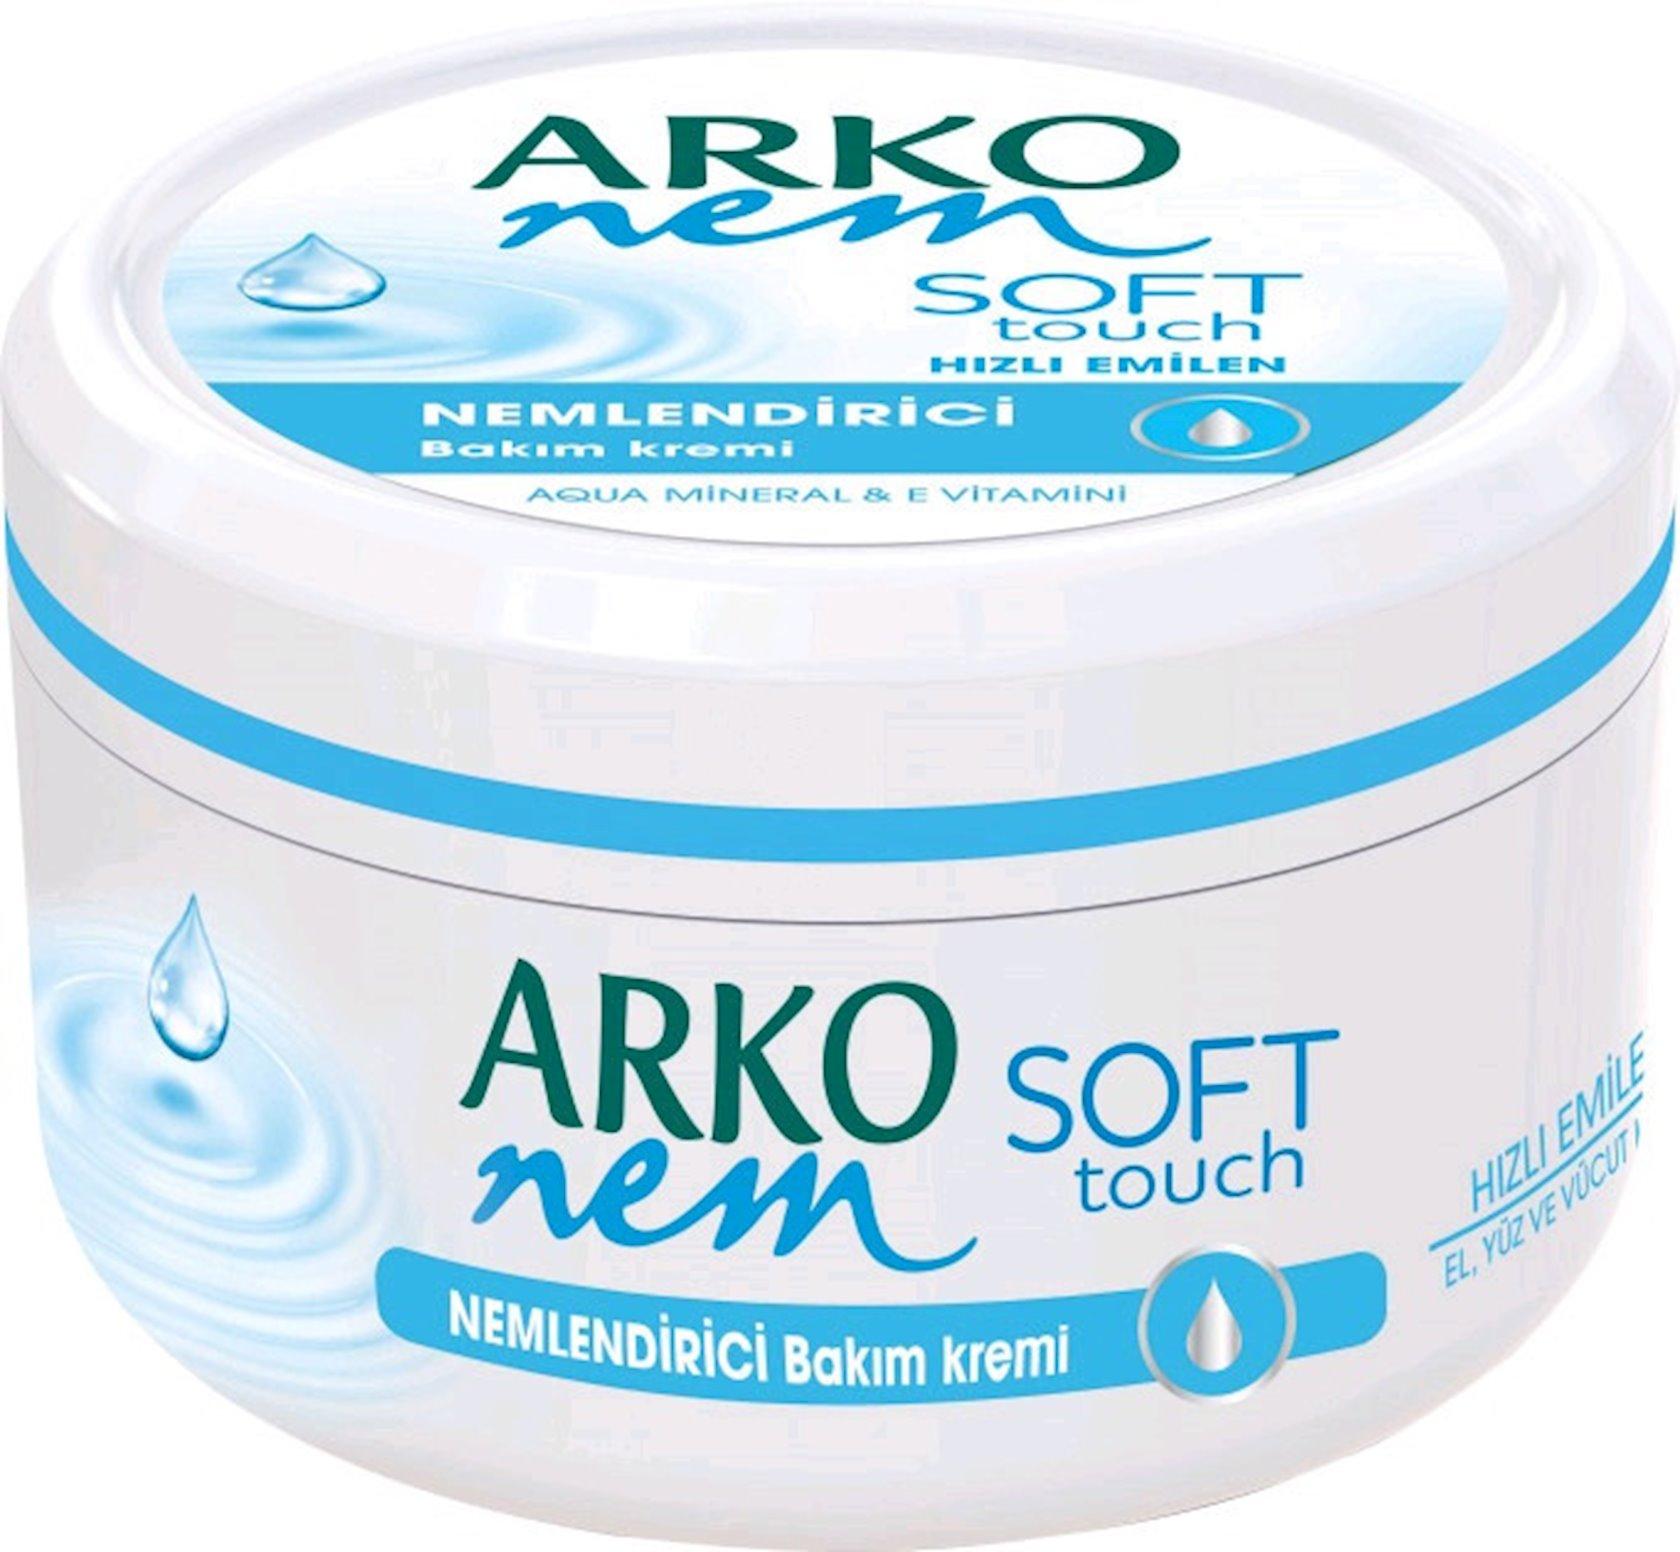 Krem üz və bədən üçün nəmləndirici krem Arko Soft touch 300 ml